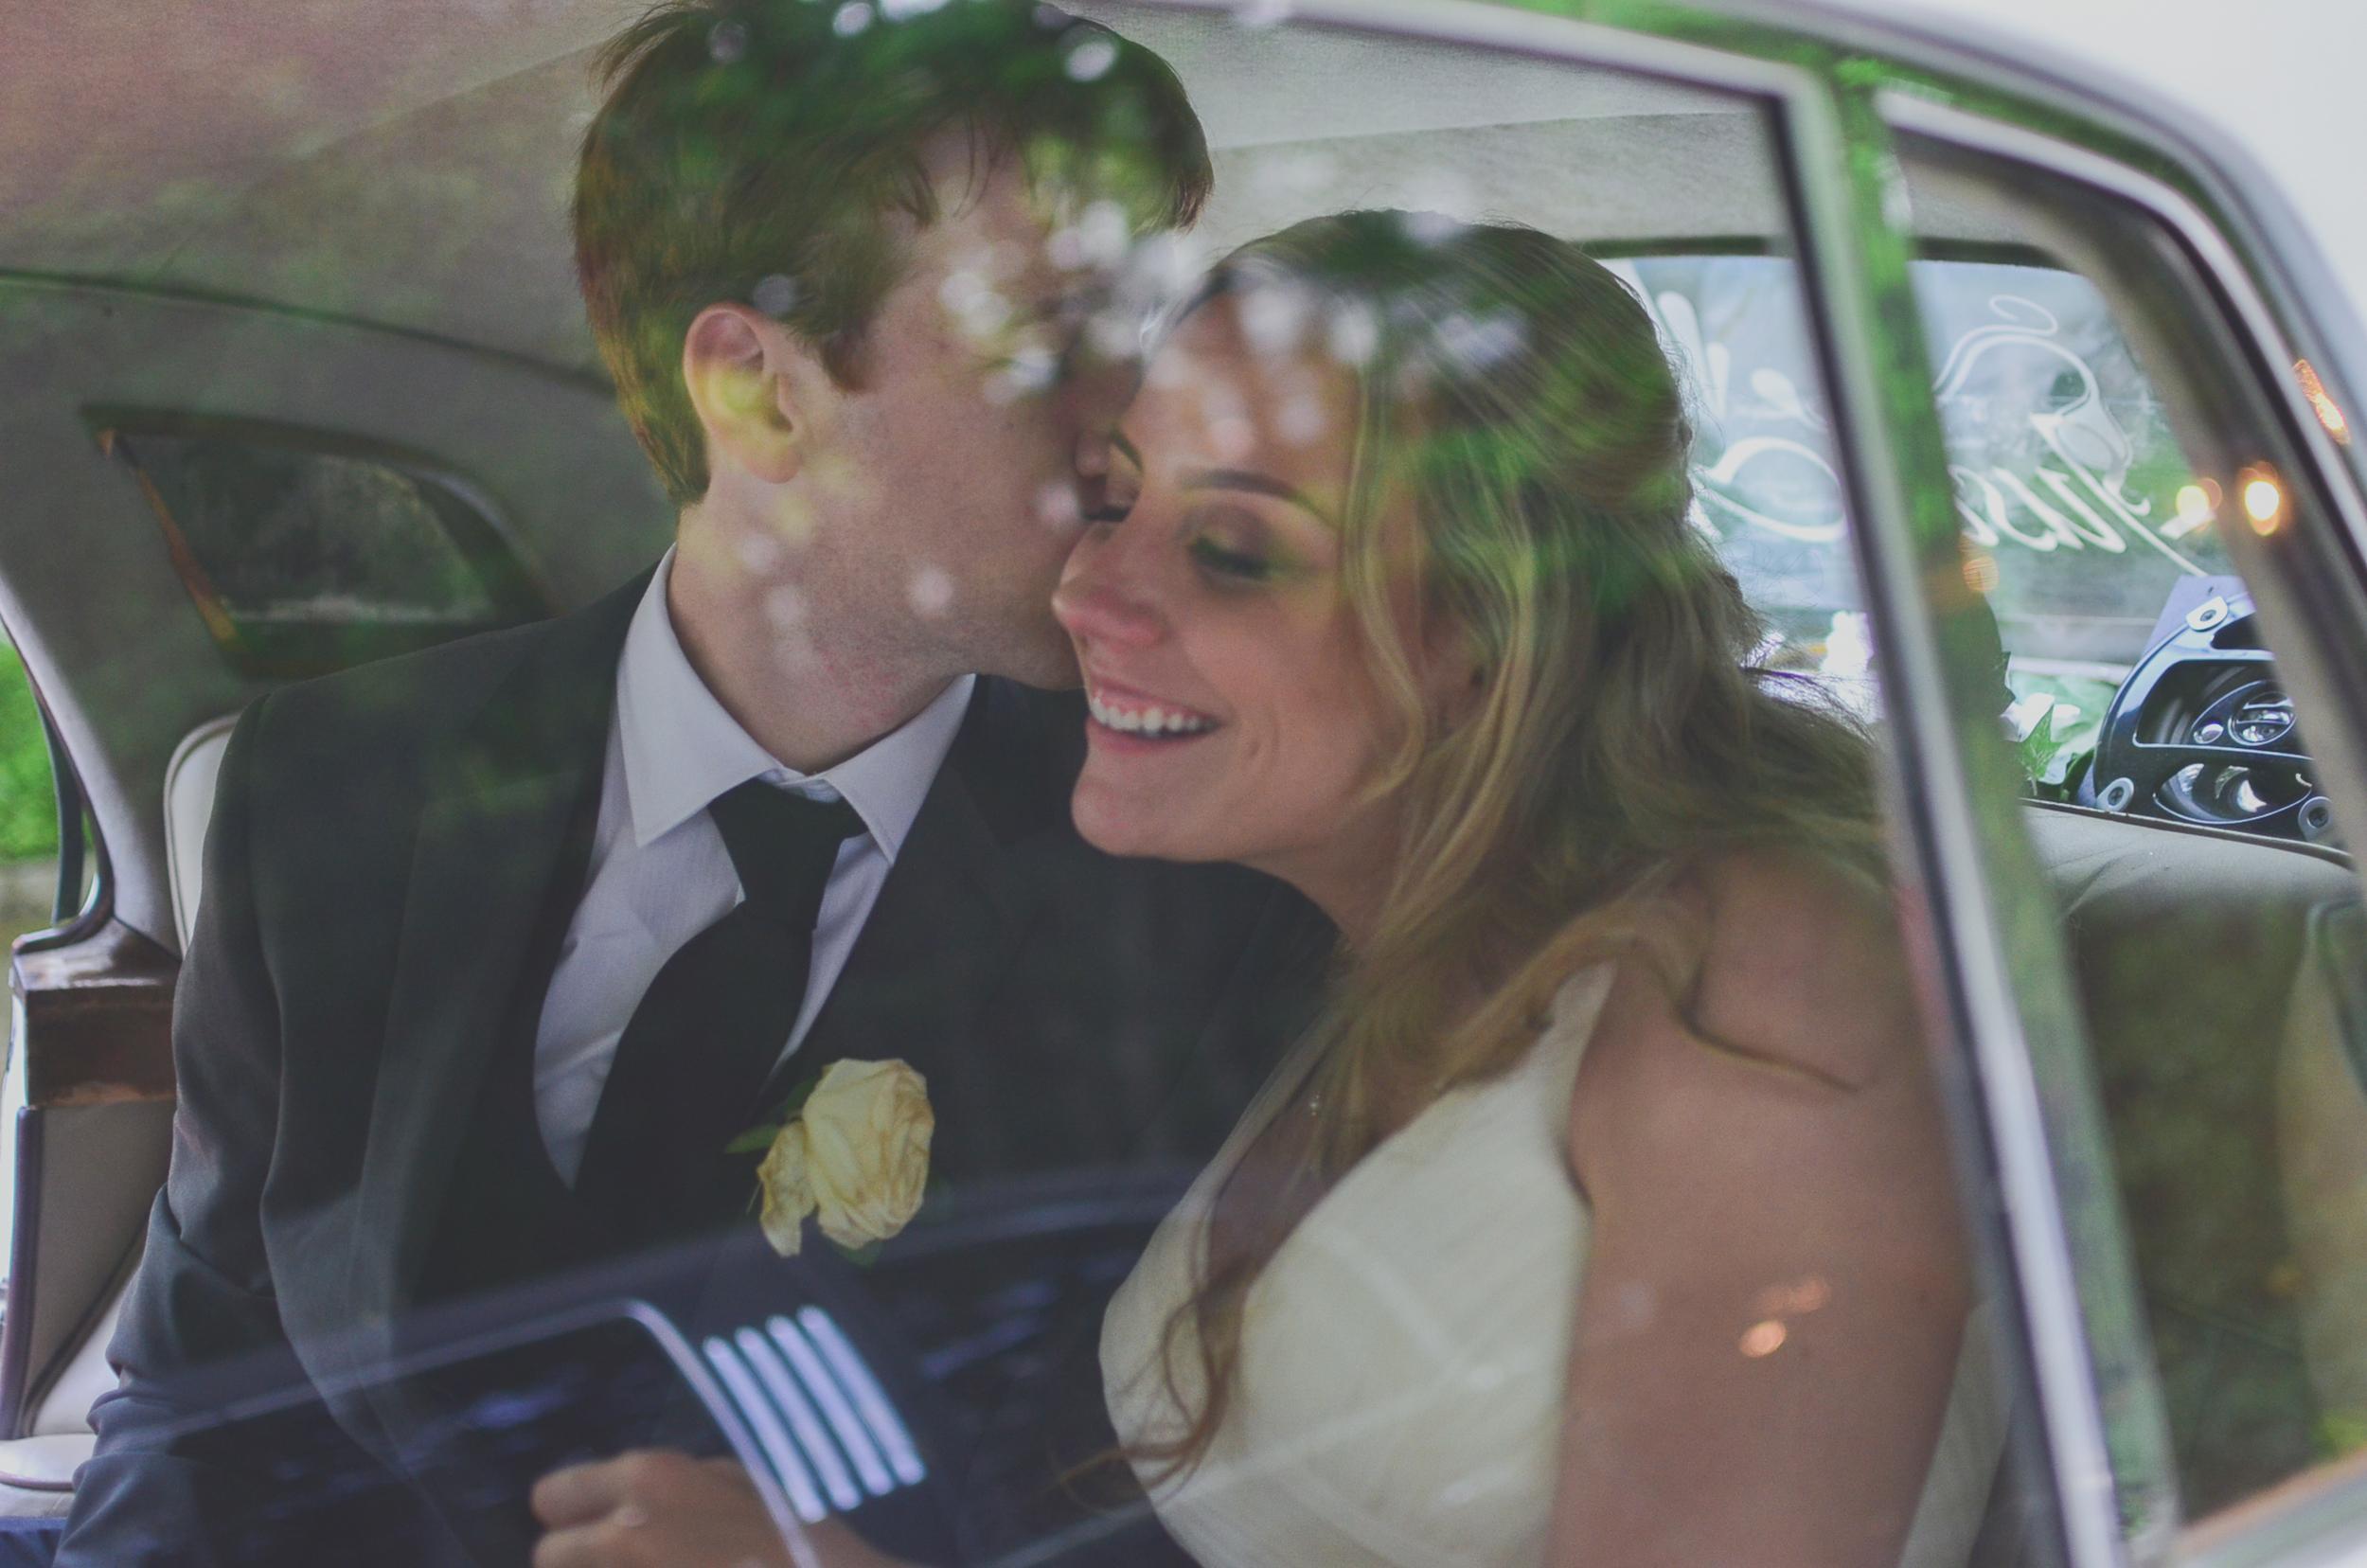 Atlanta_Wedding_Photographer_KrisandraEvans_007.jpg